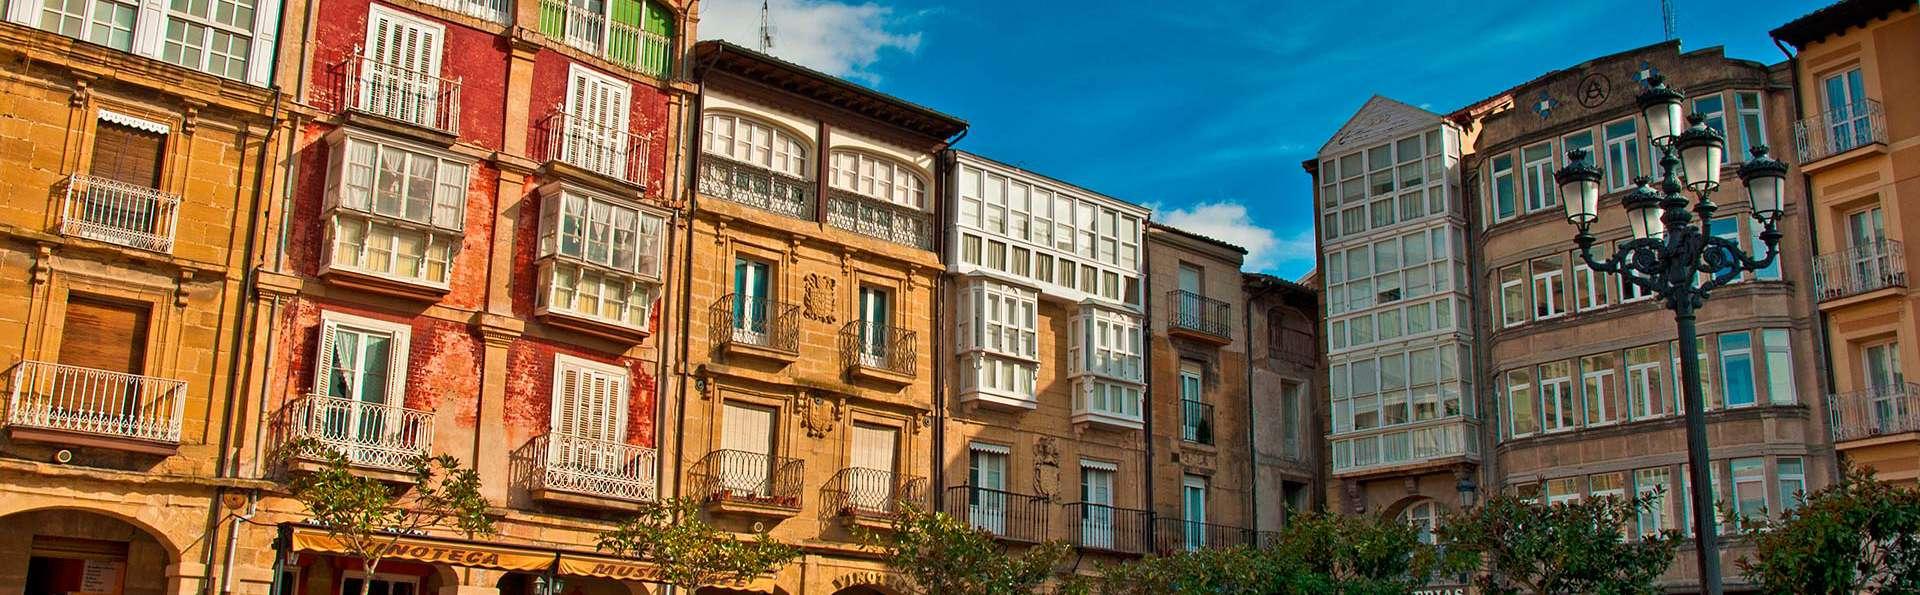 ETH Rioja  - EDIT_destination2.jpg